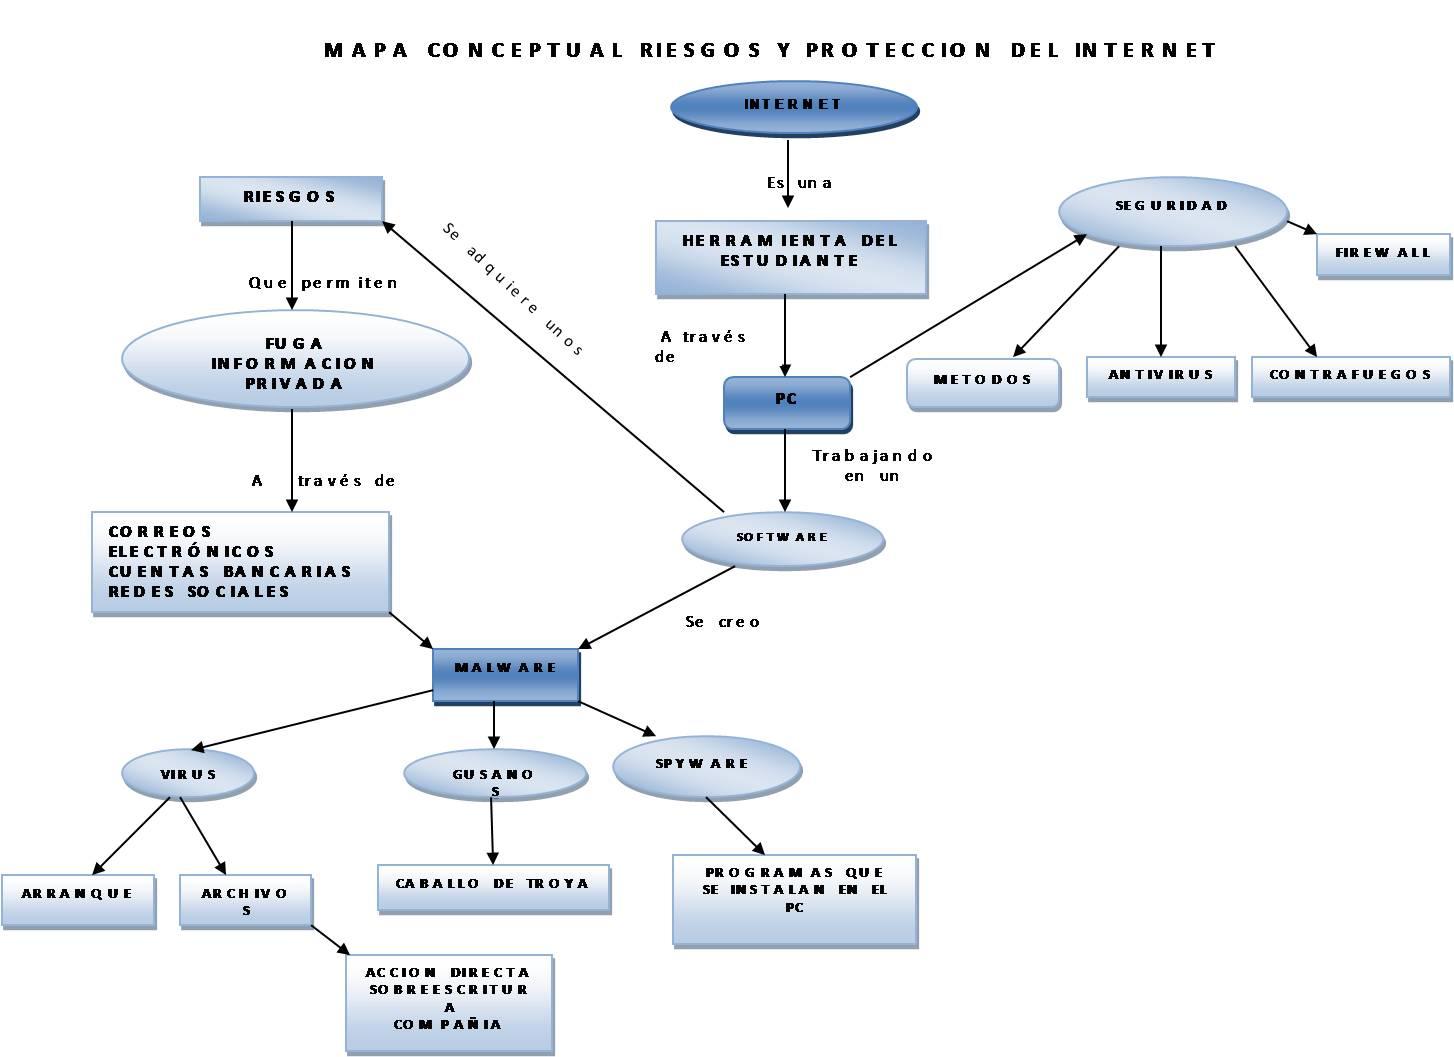 Mapa Conceptual Riesgos Y Proteccion En Internet Manual3